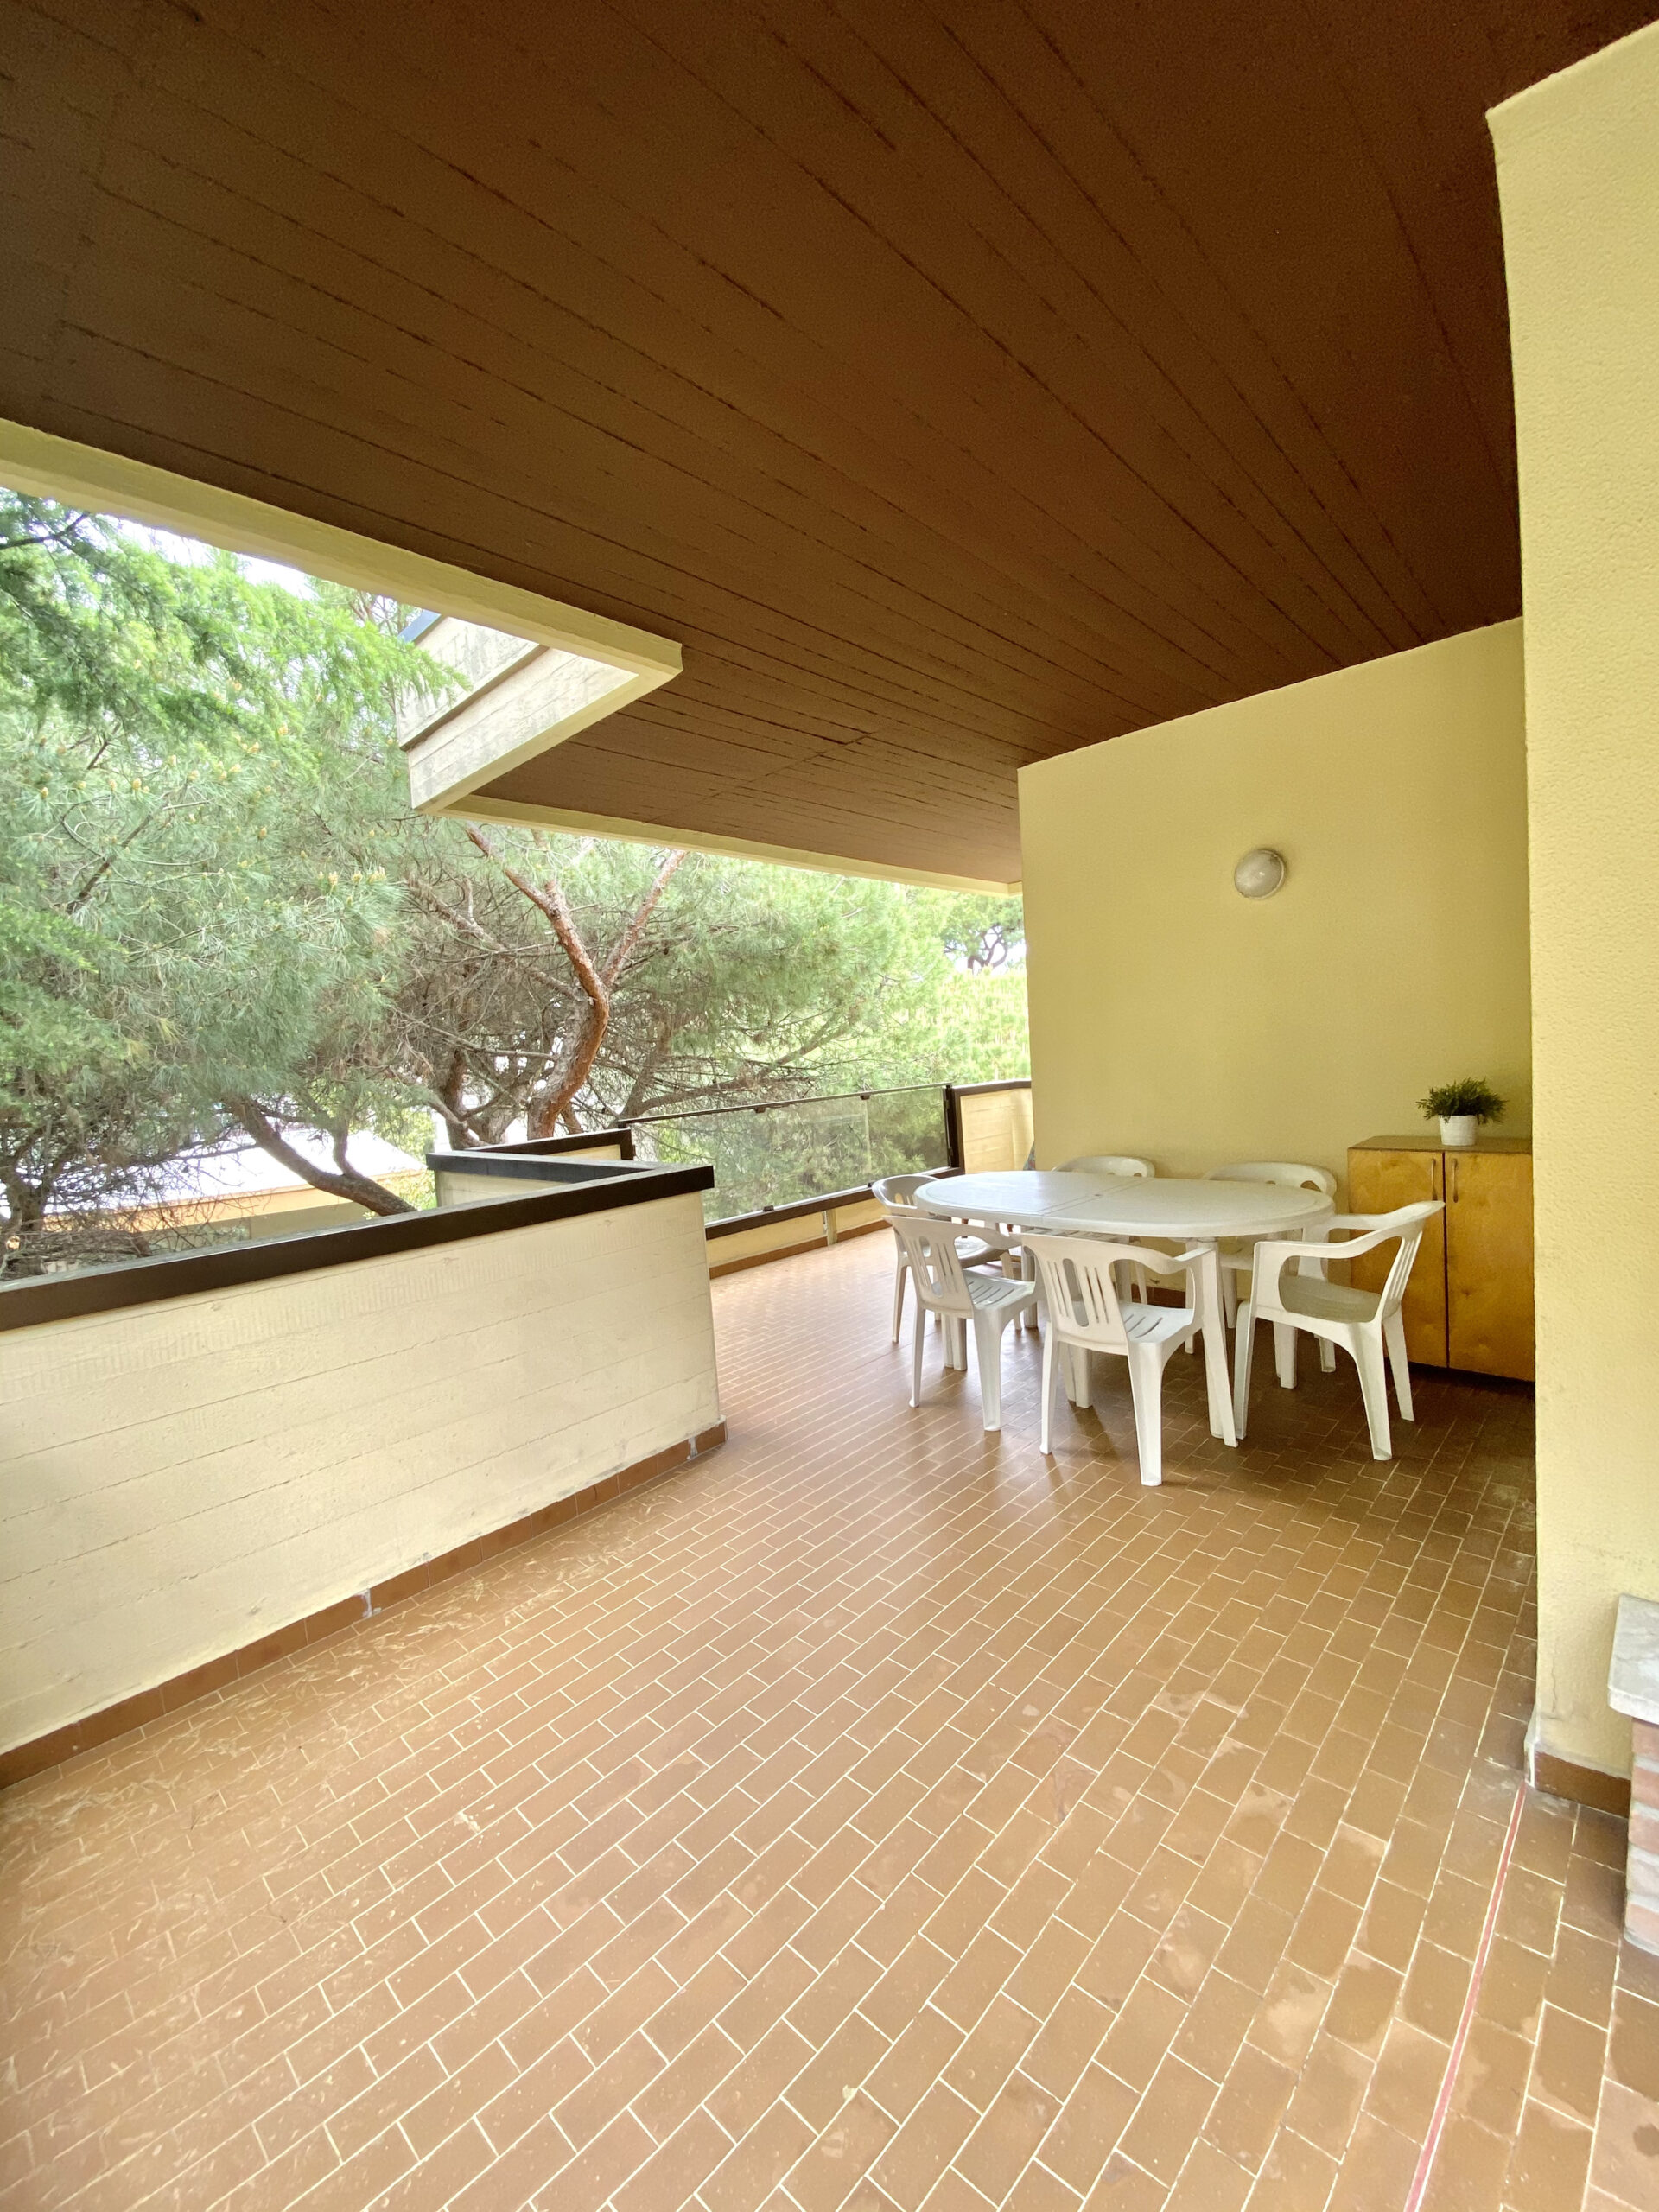 RICCIONE CENTRO ABISSINIA: Appartamento con terrazzi abitabili in locazione stagionale